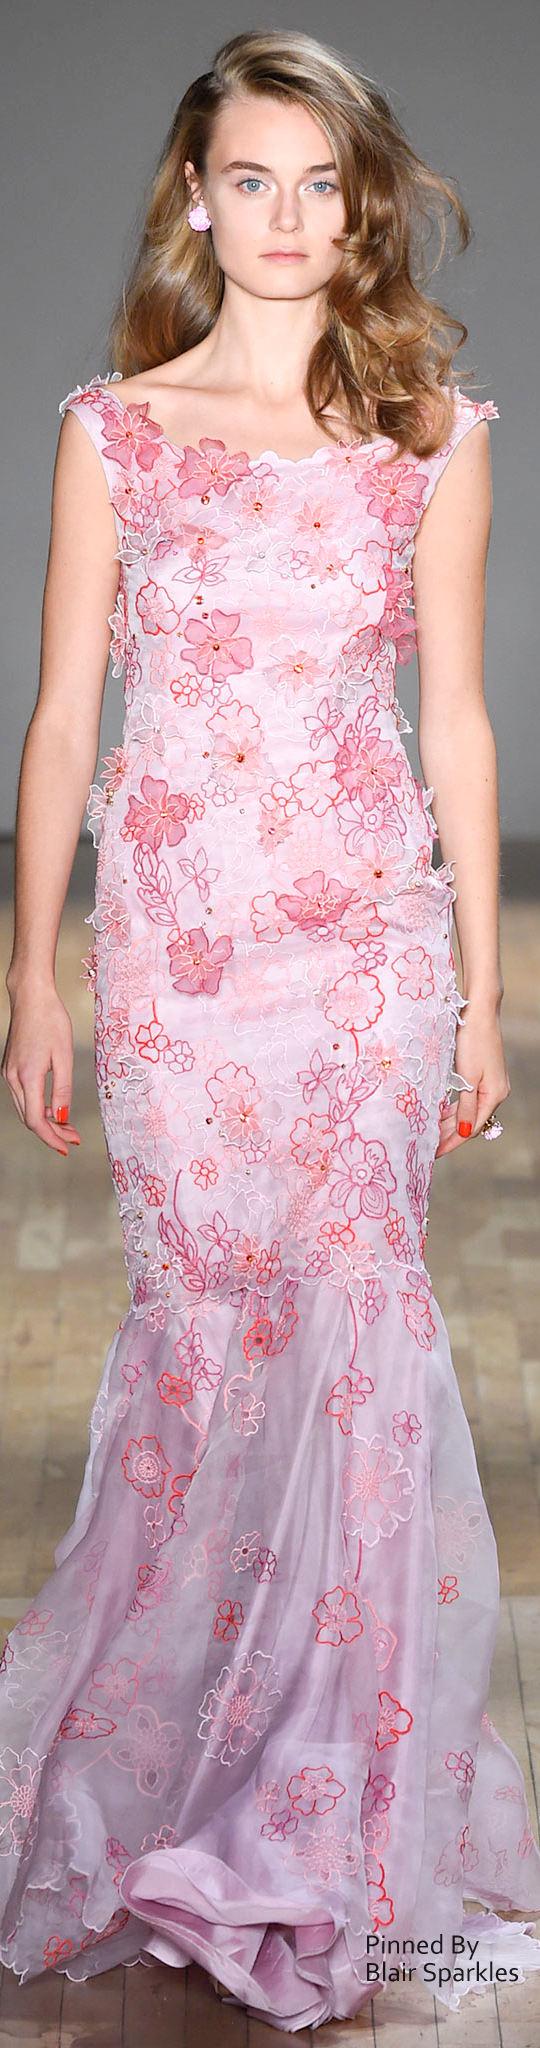 Hermosa Paquetes De Vestido De Novia Friso - Colección de Vestidos ...